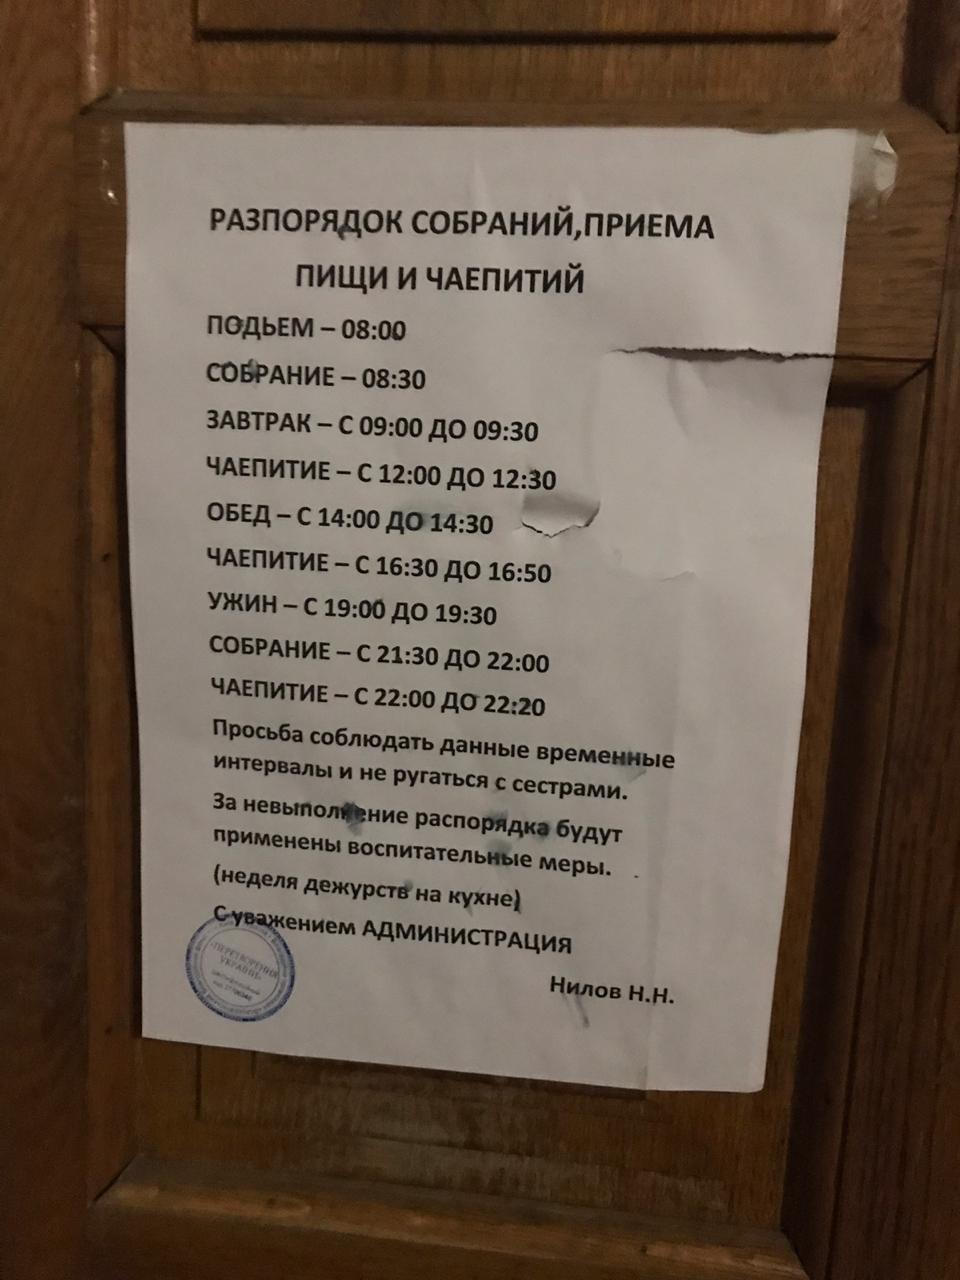 3447 На Київщині викрито злочинне угрупування з громадян Російської Федерації, яке займалося торгівлею людьми